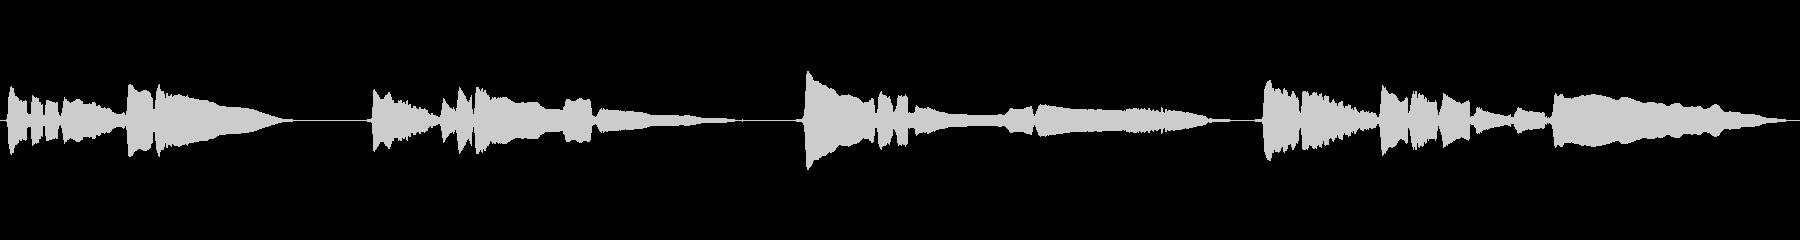 SAX一本の曲です。の未再生の波形